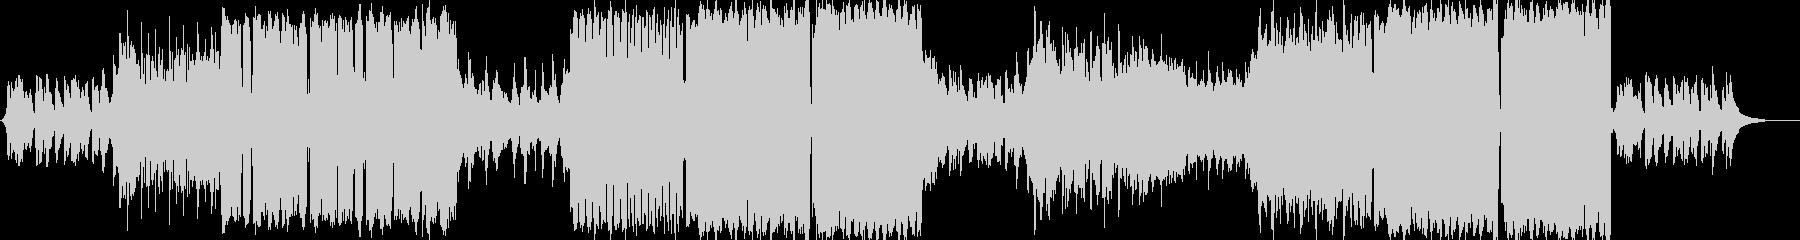 エモーショナルな緩めのEDMです。の未再生の波形